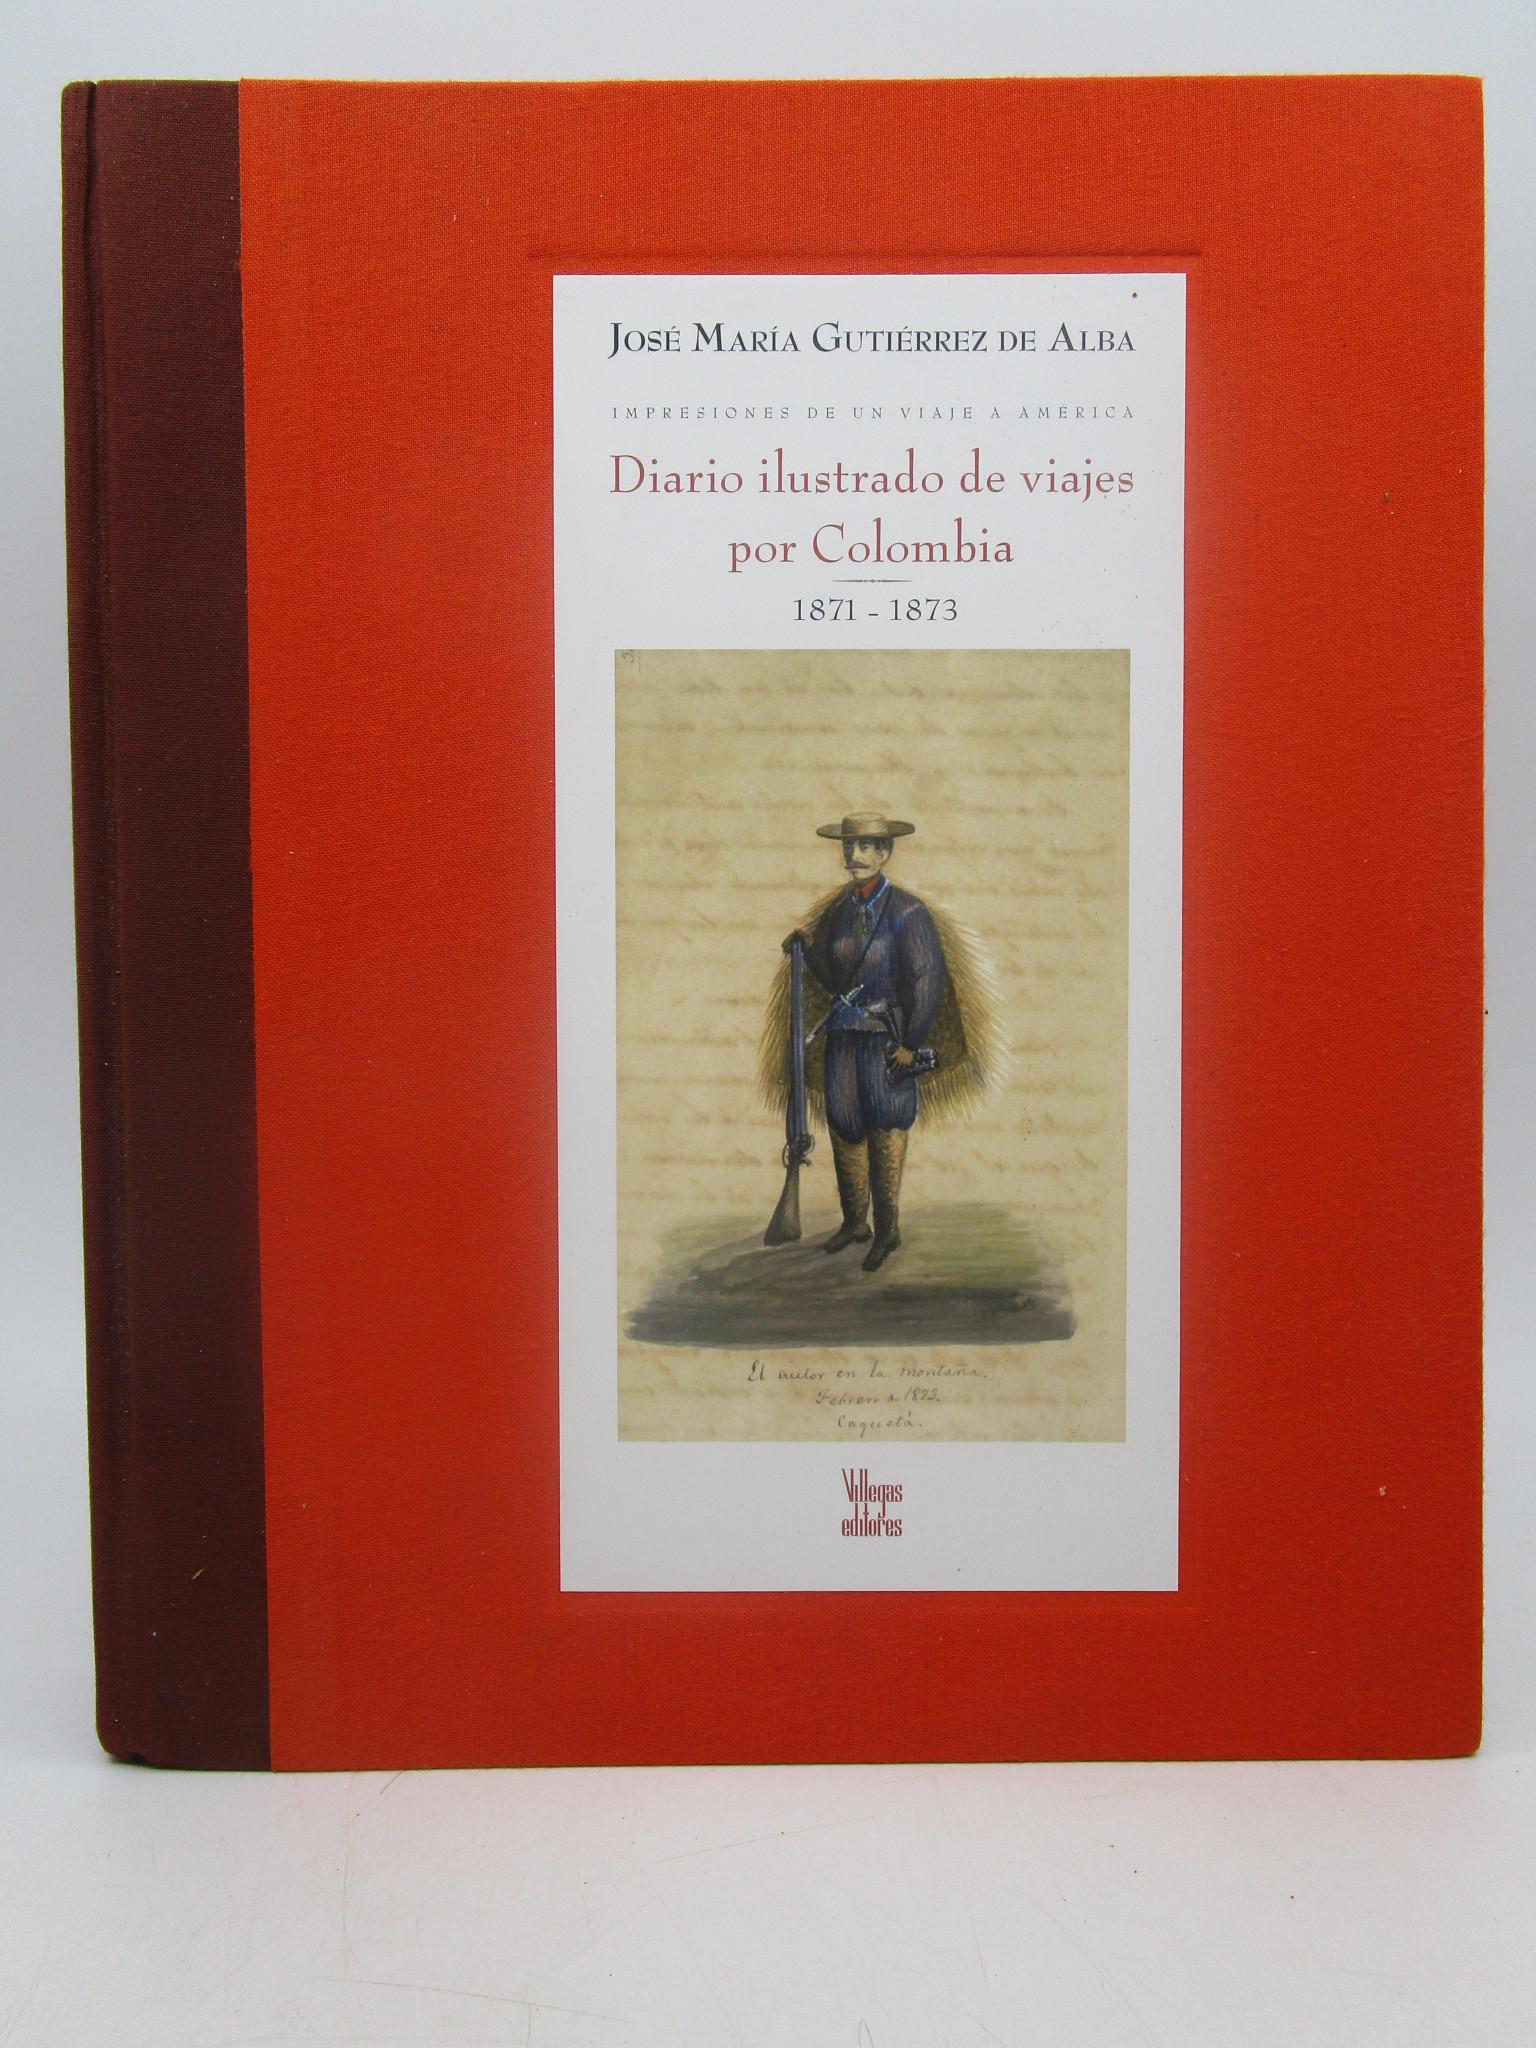 Image for Impressiones De Un Viaje A America: Diario Ilustrado De Viajes Por Columbia 1871-1873 (First Edition)